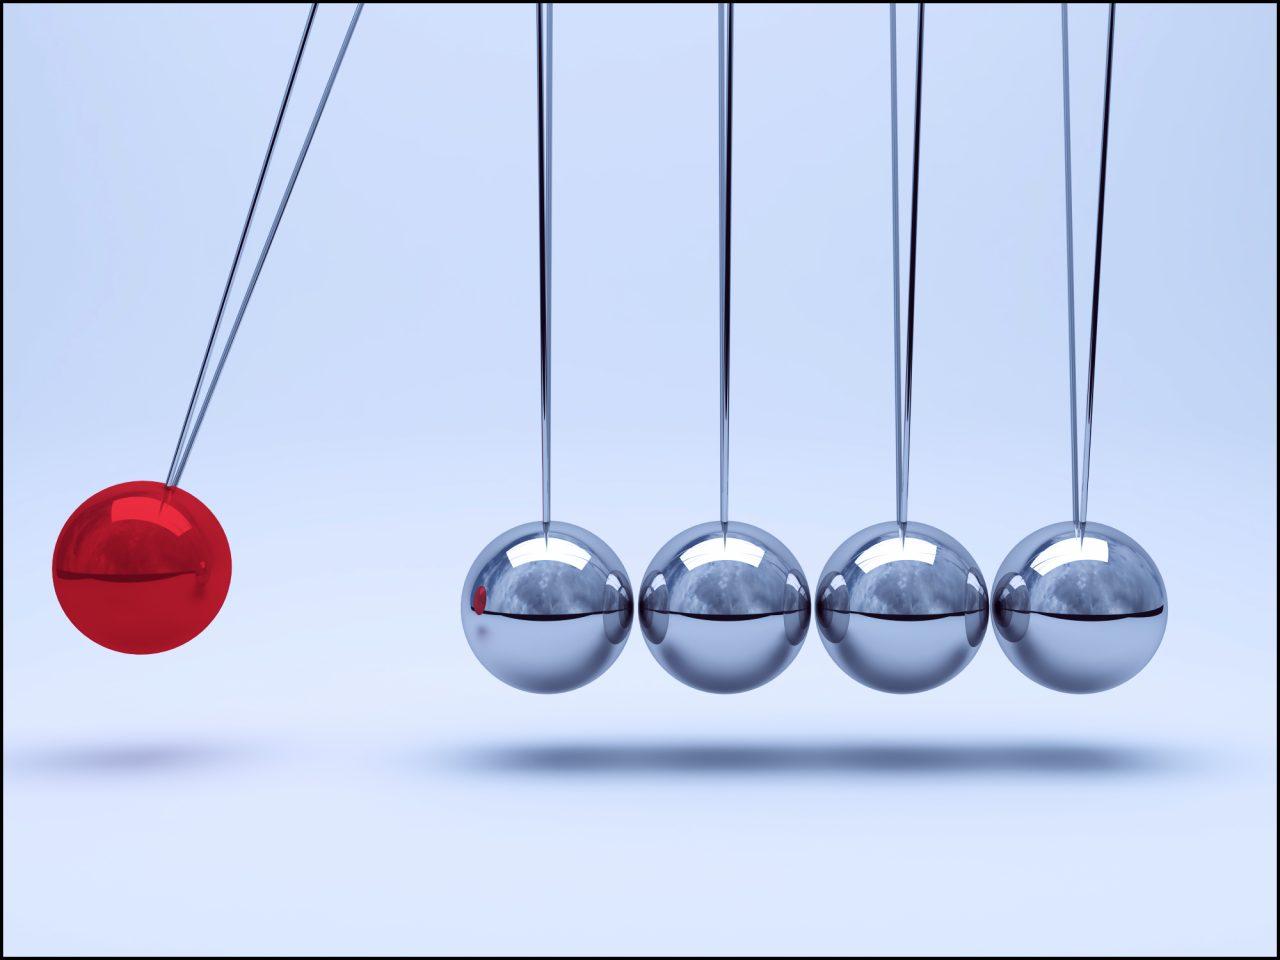 Energieversorger und Energielieferanten – Warum es wichtig ist, dass Kunden Energie sparen